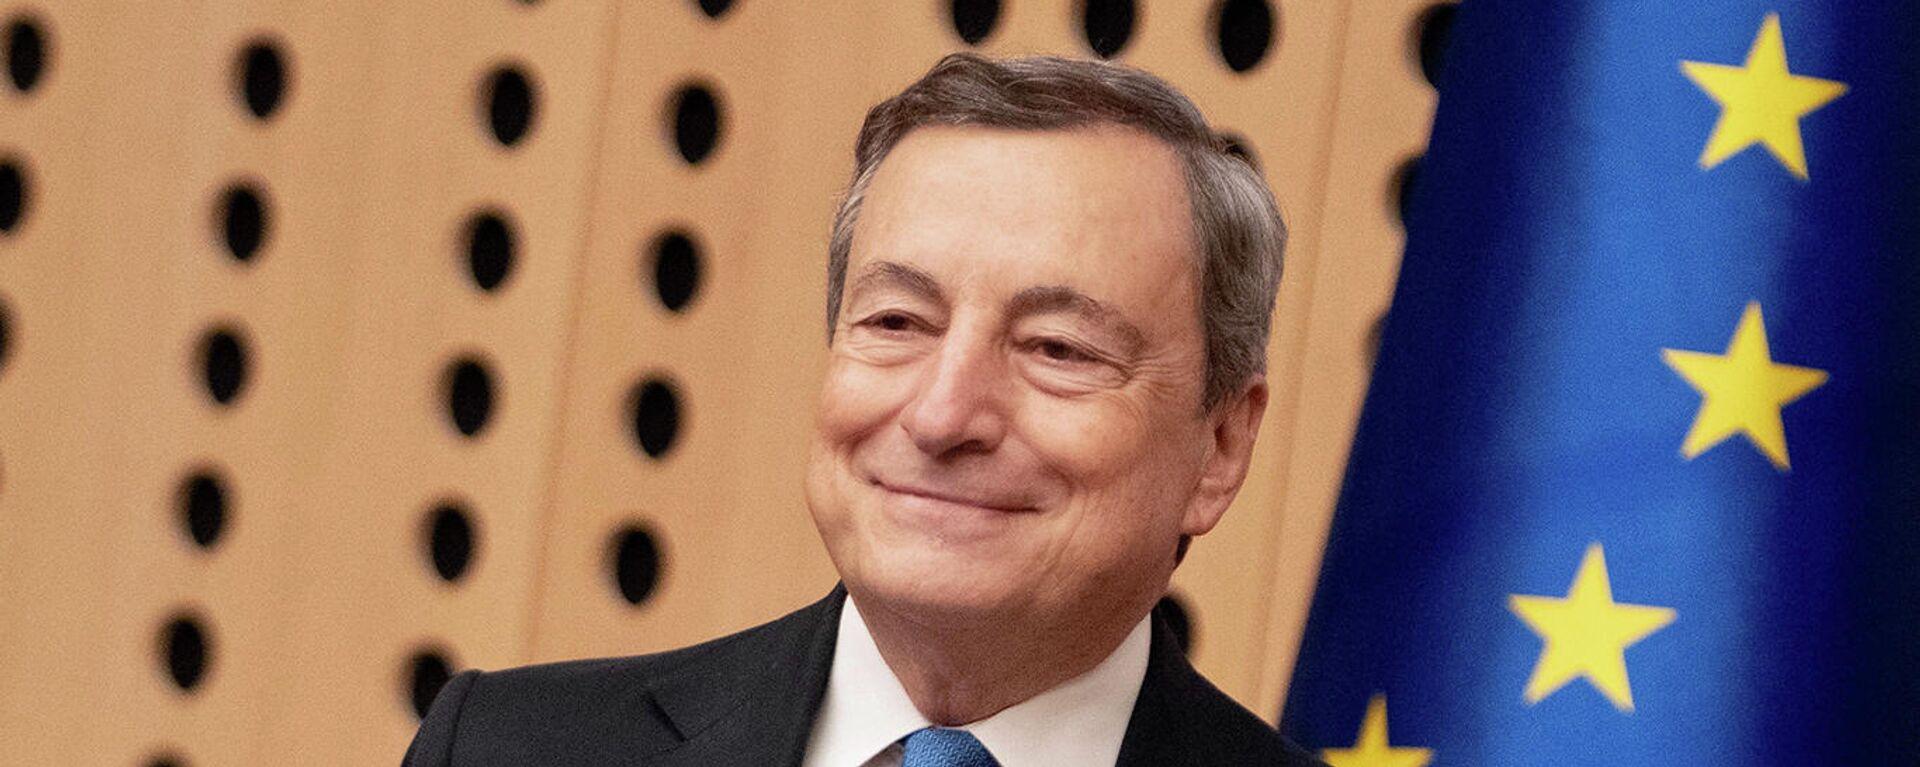 Il Presidente del Consiglio, Mario Draghi, partecipa al Vertice UE-Balcani occidentali - Sputnik Italia, 1920, 13.10.2021